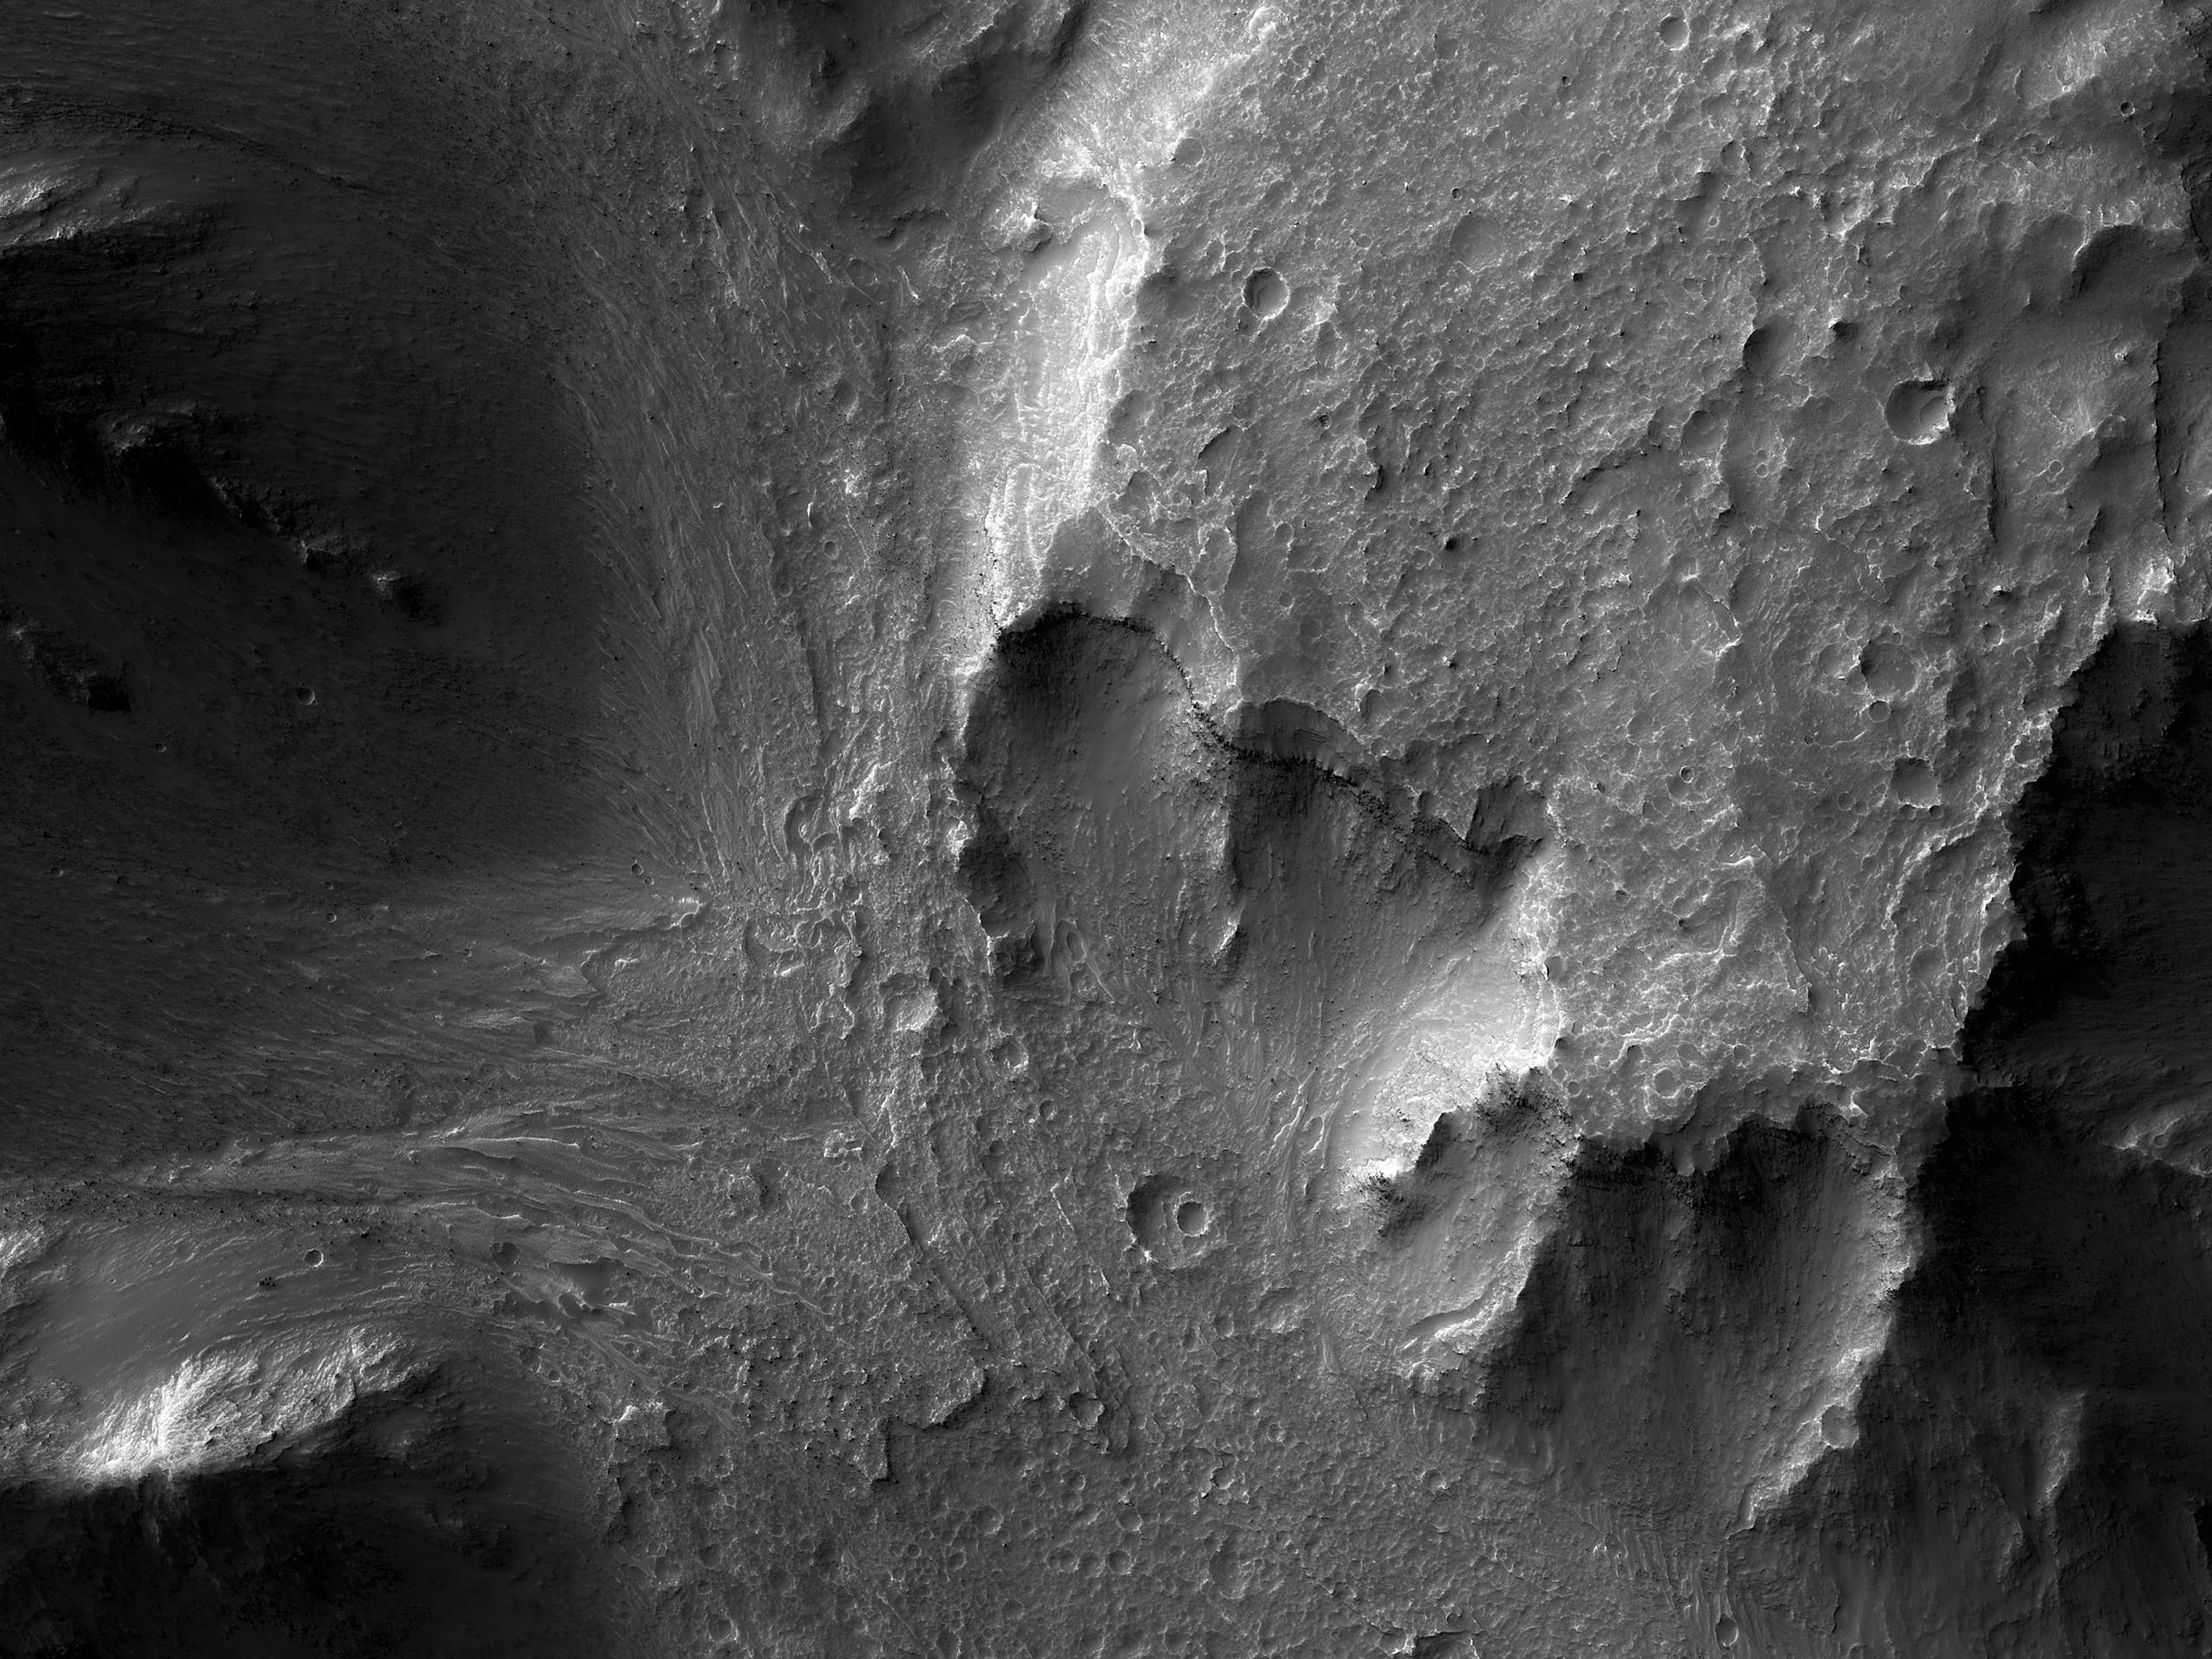 Ffynhonnell Llif Gweddillion yn Hydrae Chasma